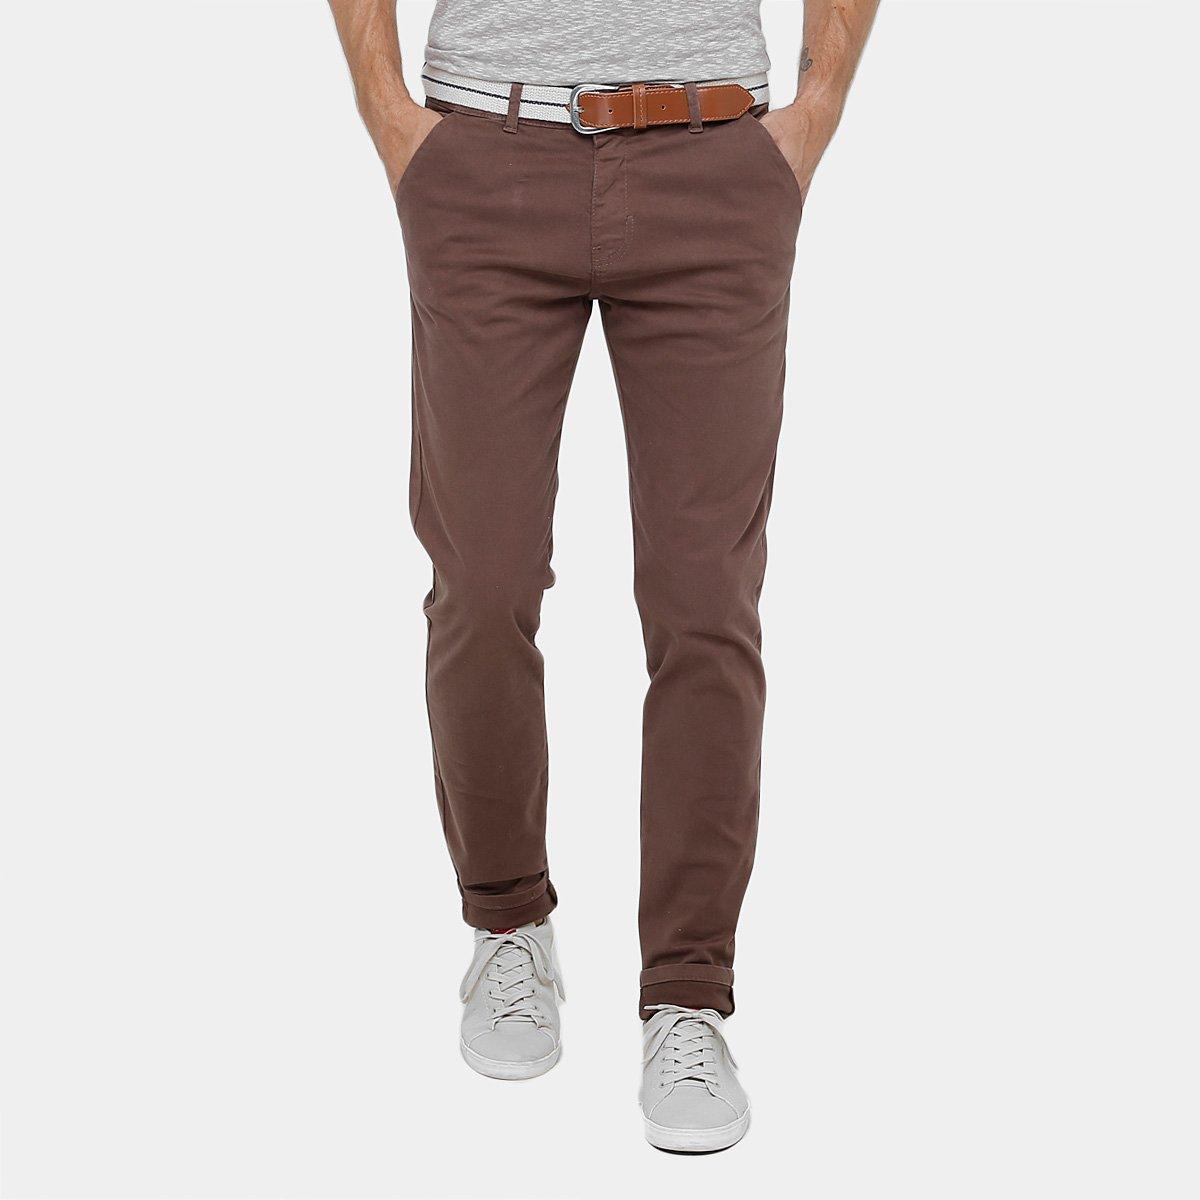 Calça Slim Fit Dardak Sarja Bolso Faca Com Cinto Masculina - Compre Agora  69b0e8ef4bc